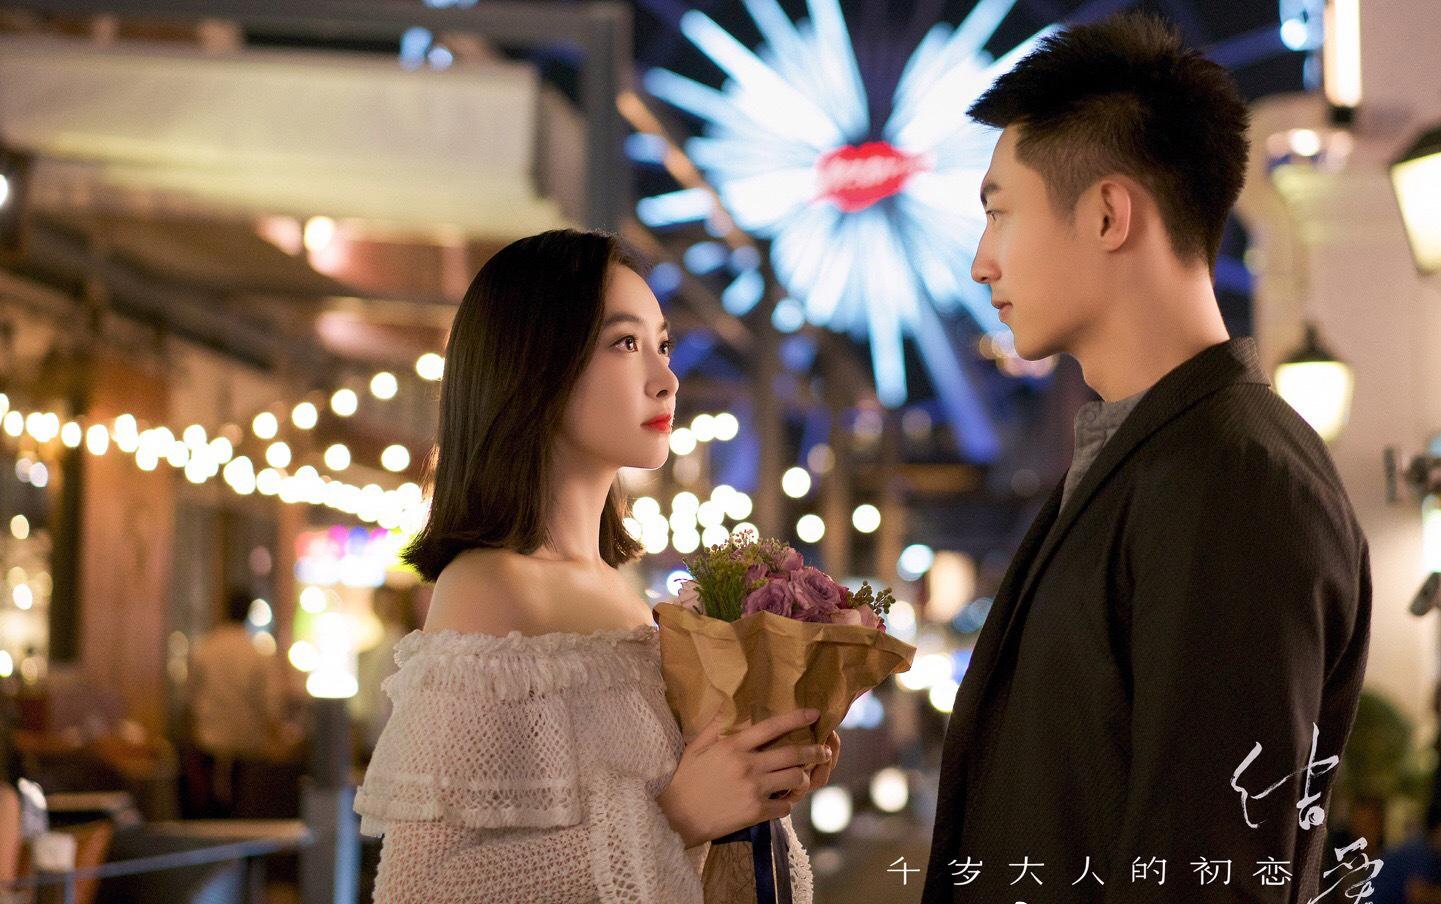 bộ phim Hoa ngữ Kết Ái: Mối Tình Đầu Của Đại Nhân Thiên Tuế (The Love Knot: His Excellency's First Love)